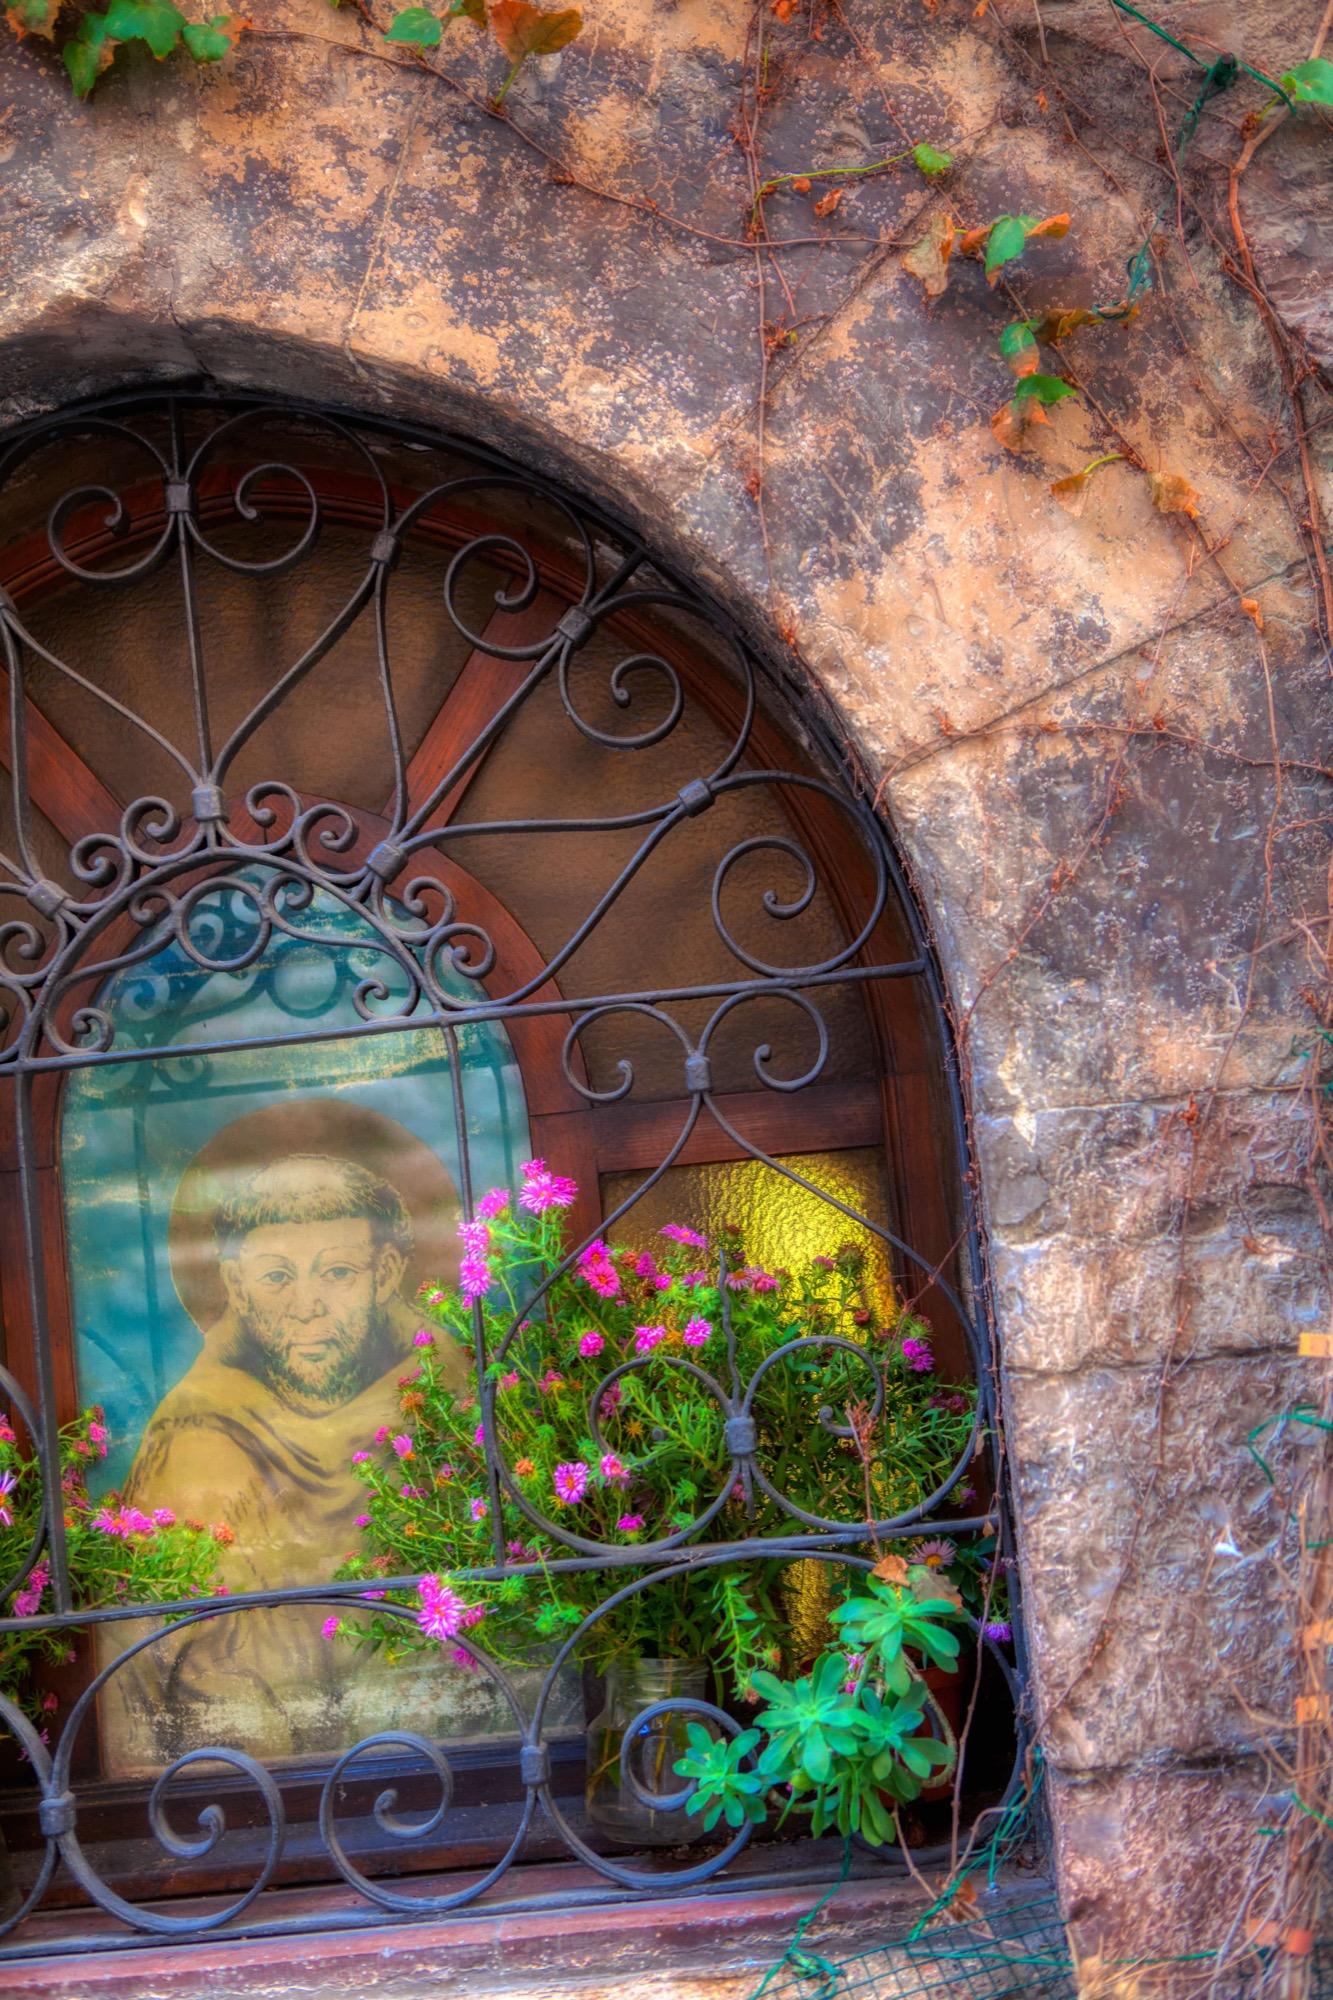 20121012 - 04-52-43_AuroraHDR2019-edit.jpg